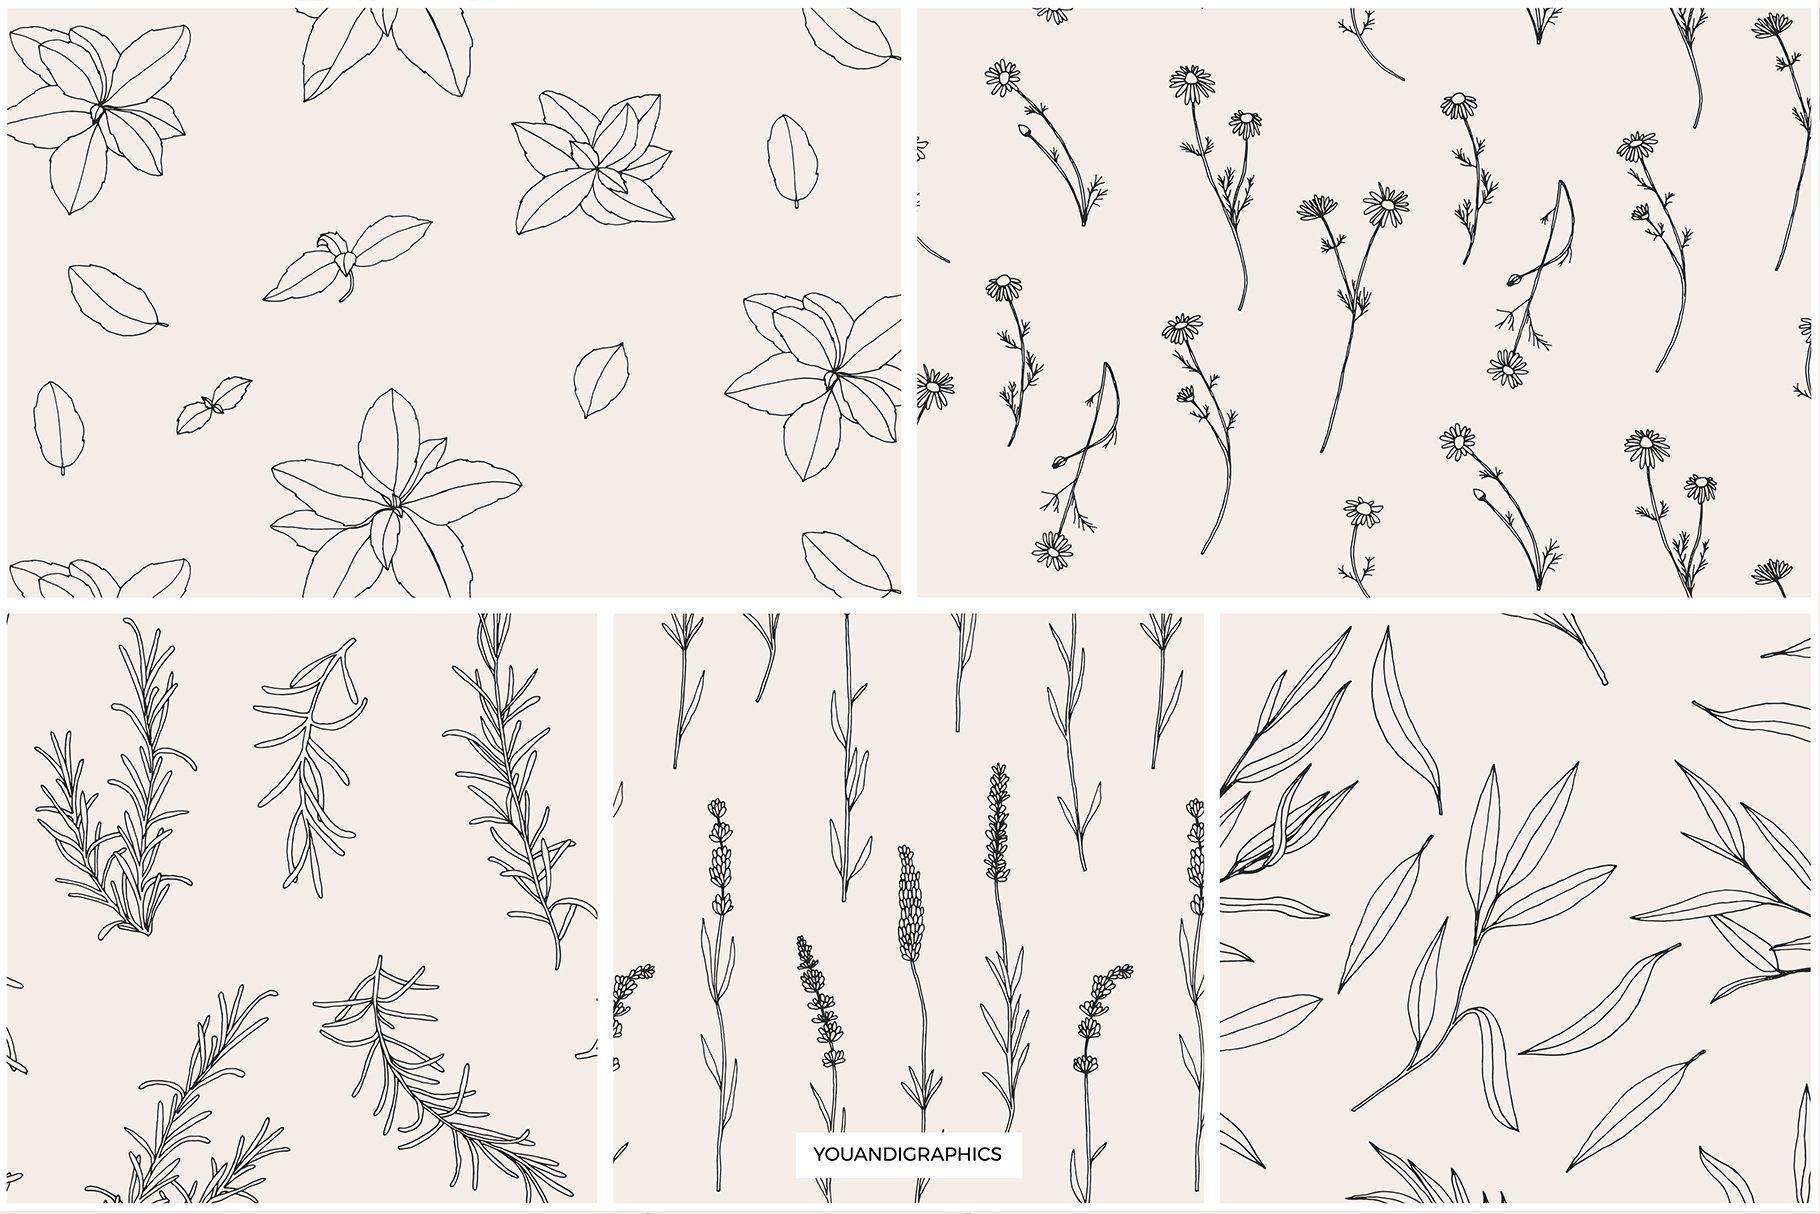 优雅中药草药花草手绘无缝隙矢量图案设计素材 Herbs Patterns & Illustrations插图9